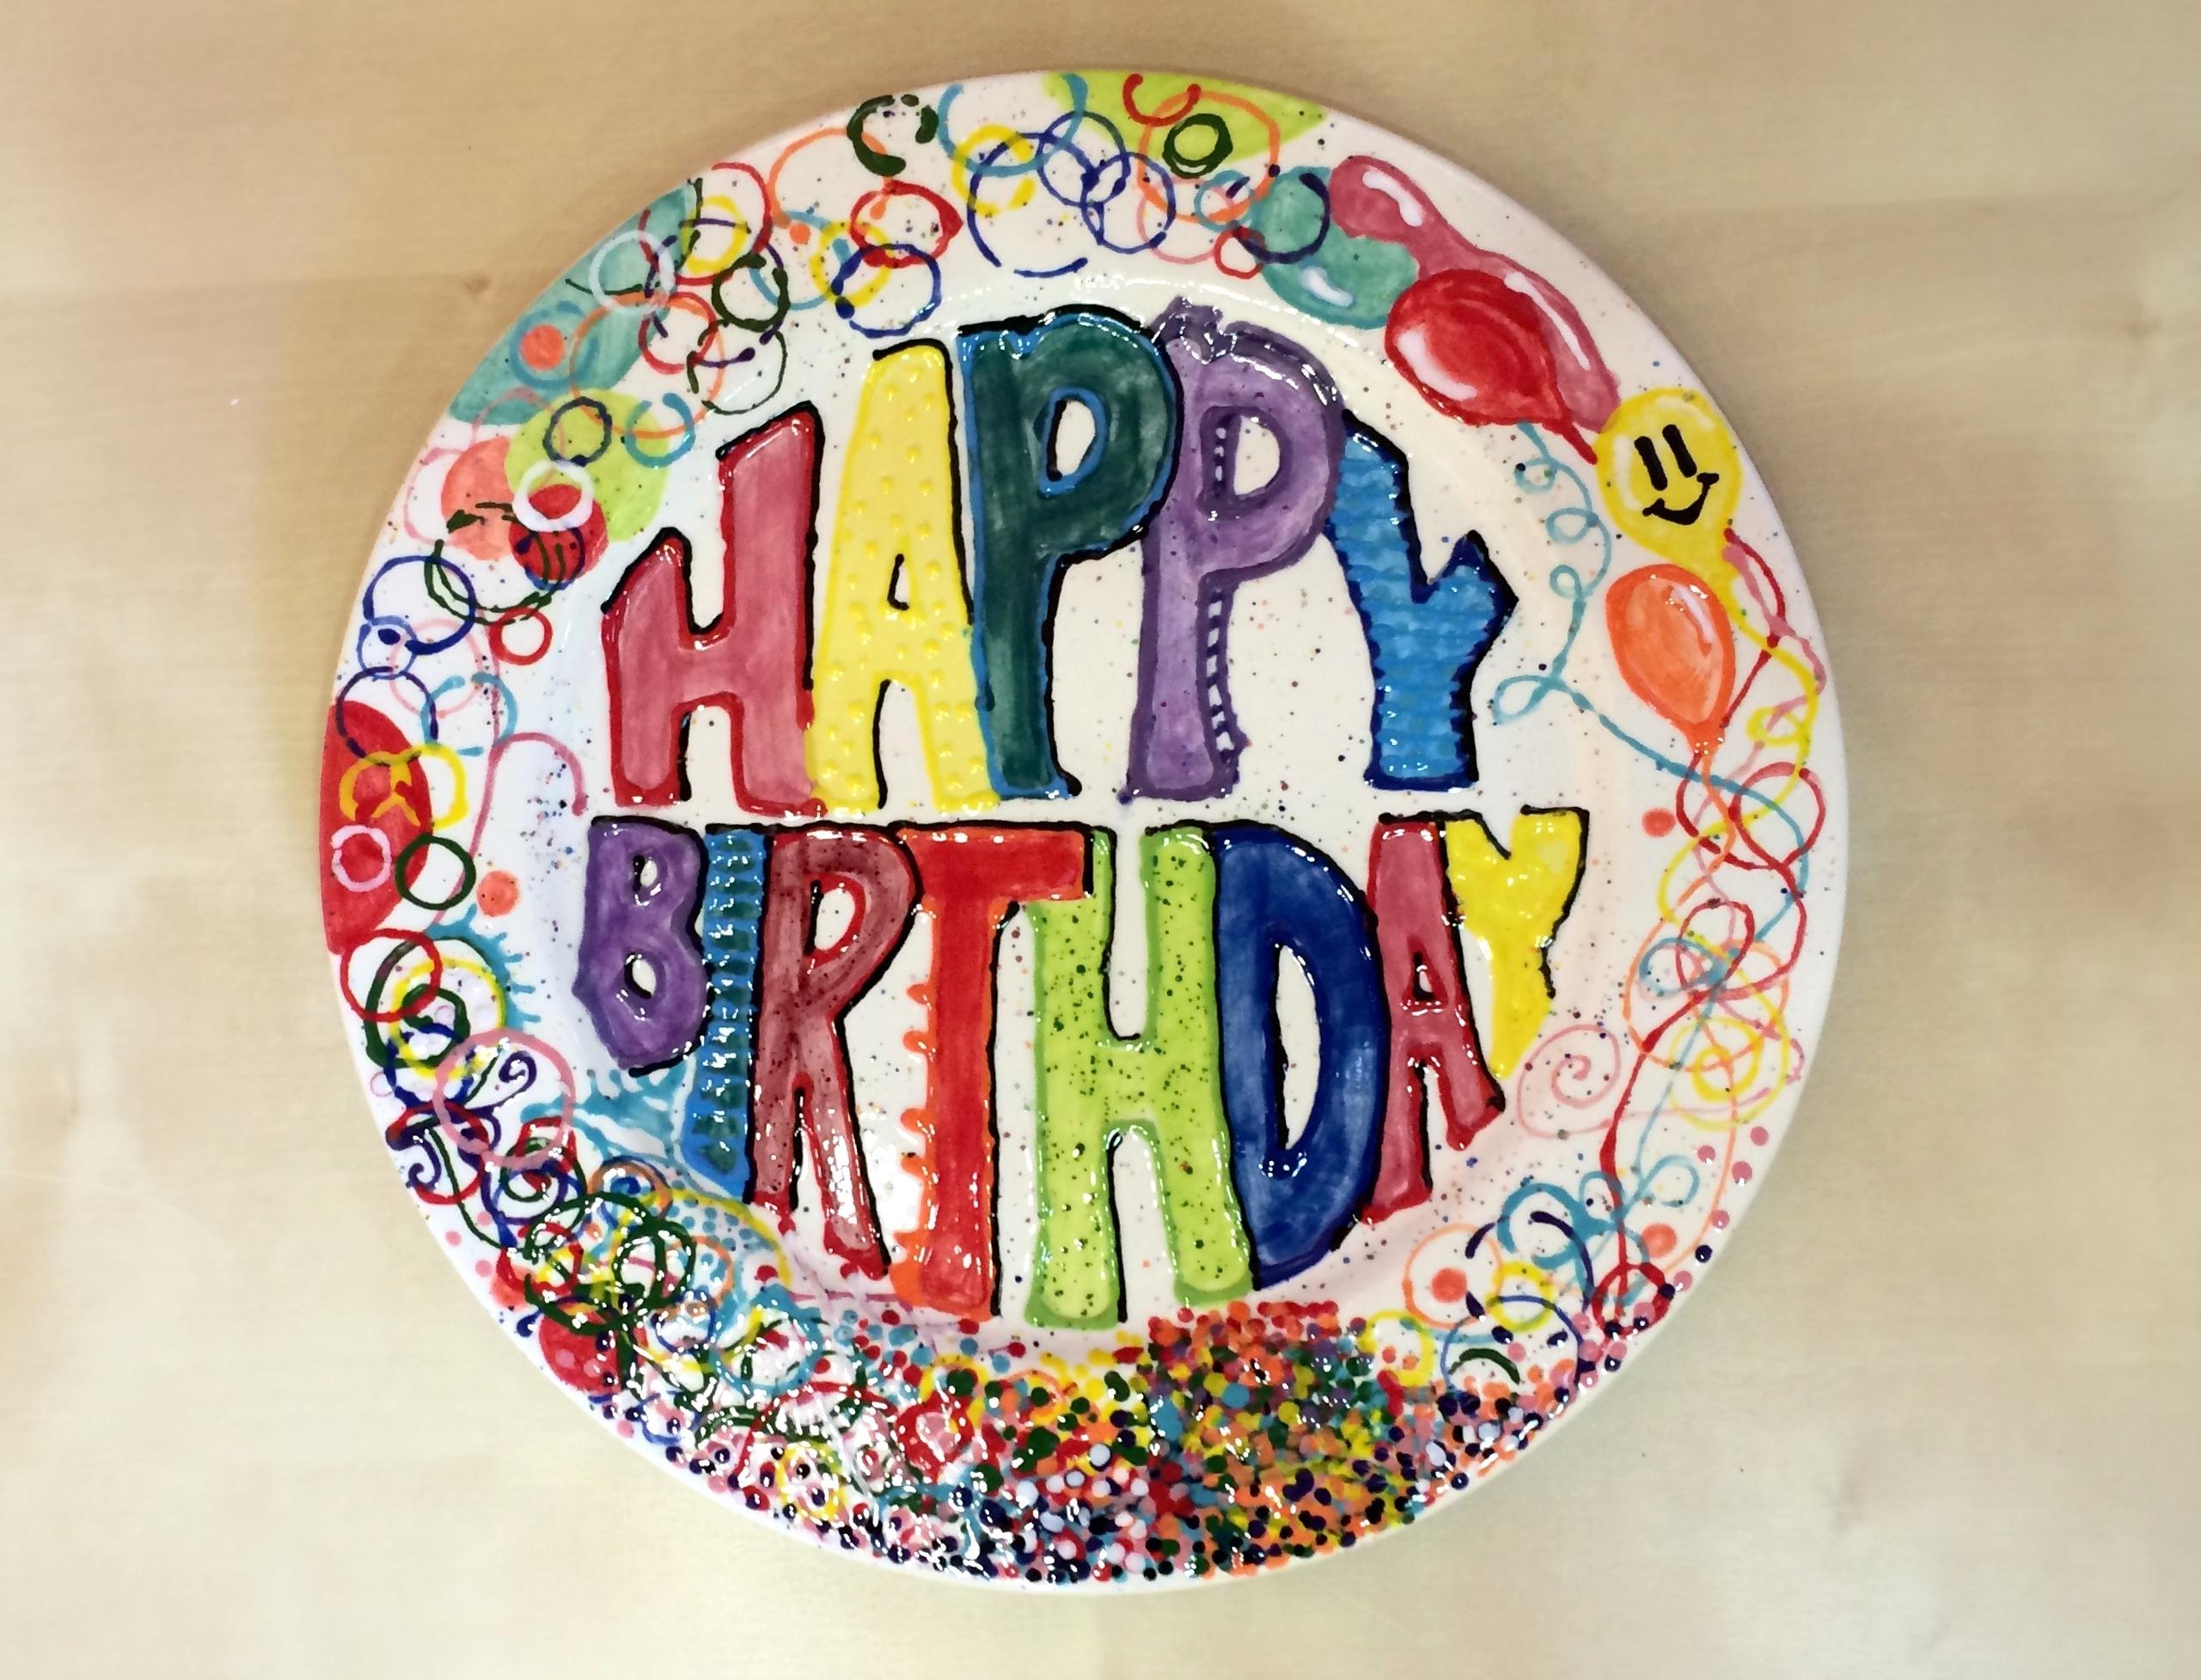 Ceramic Birthday Plate | Creativity Art Studio